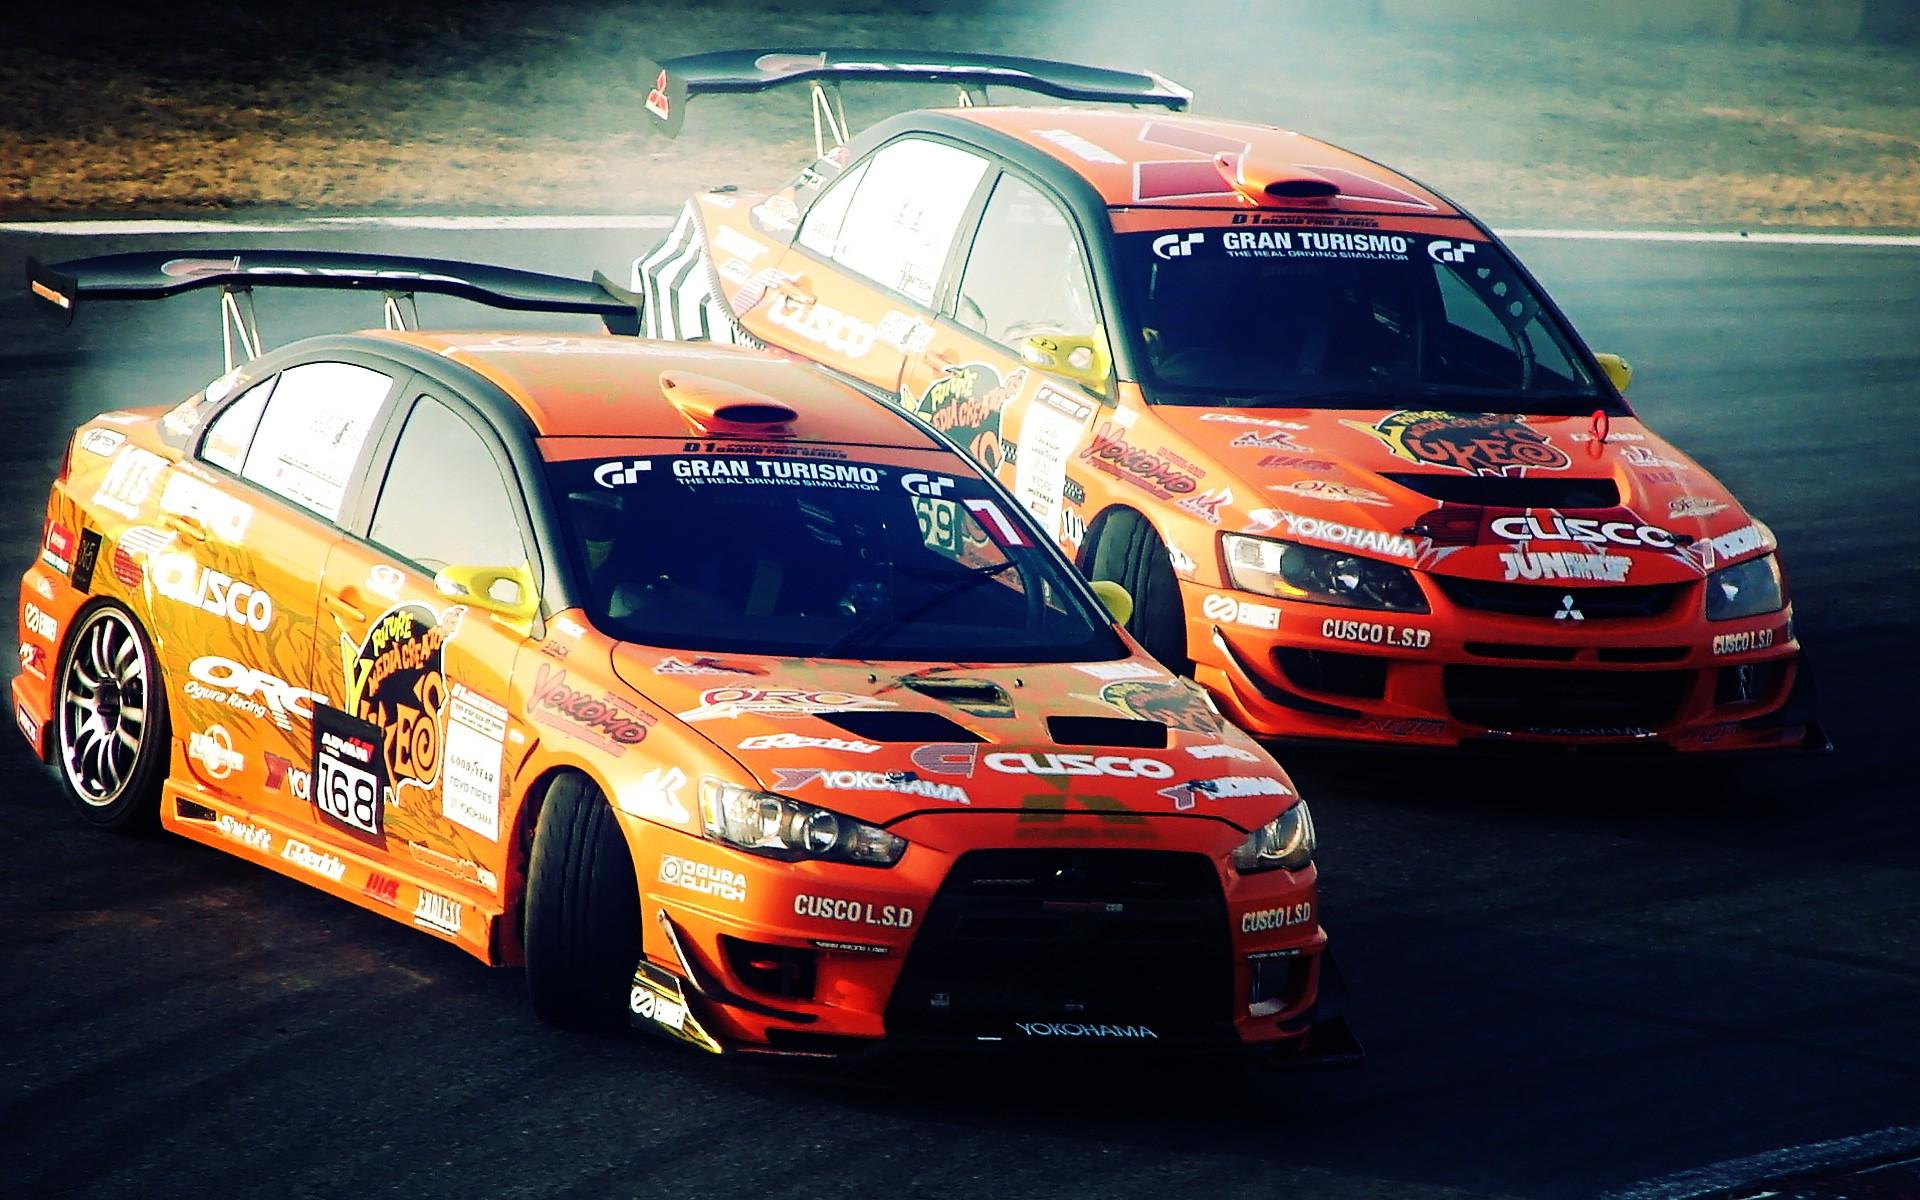 Cars Drifting Wallpaper 1920x1200 Cars Drifting Cars Mitsubishi 1920x1200